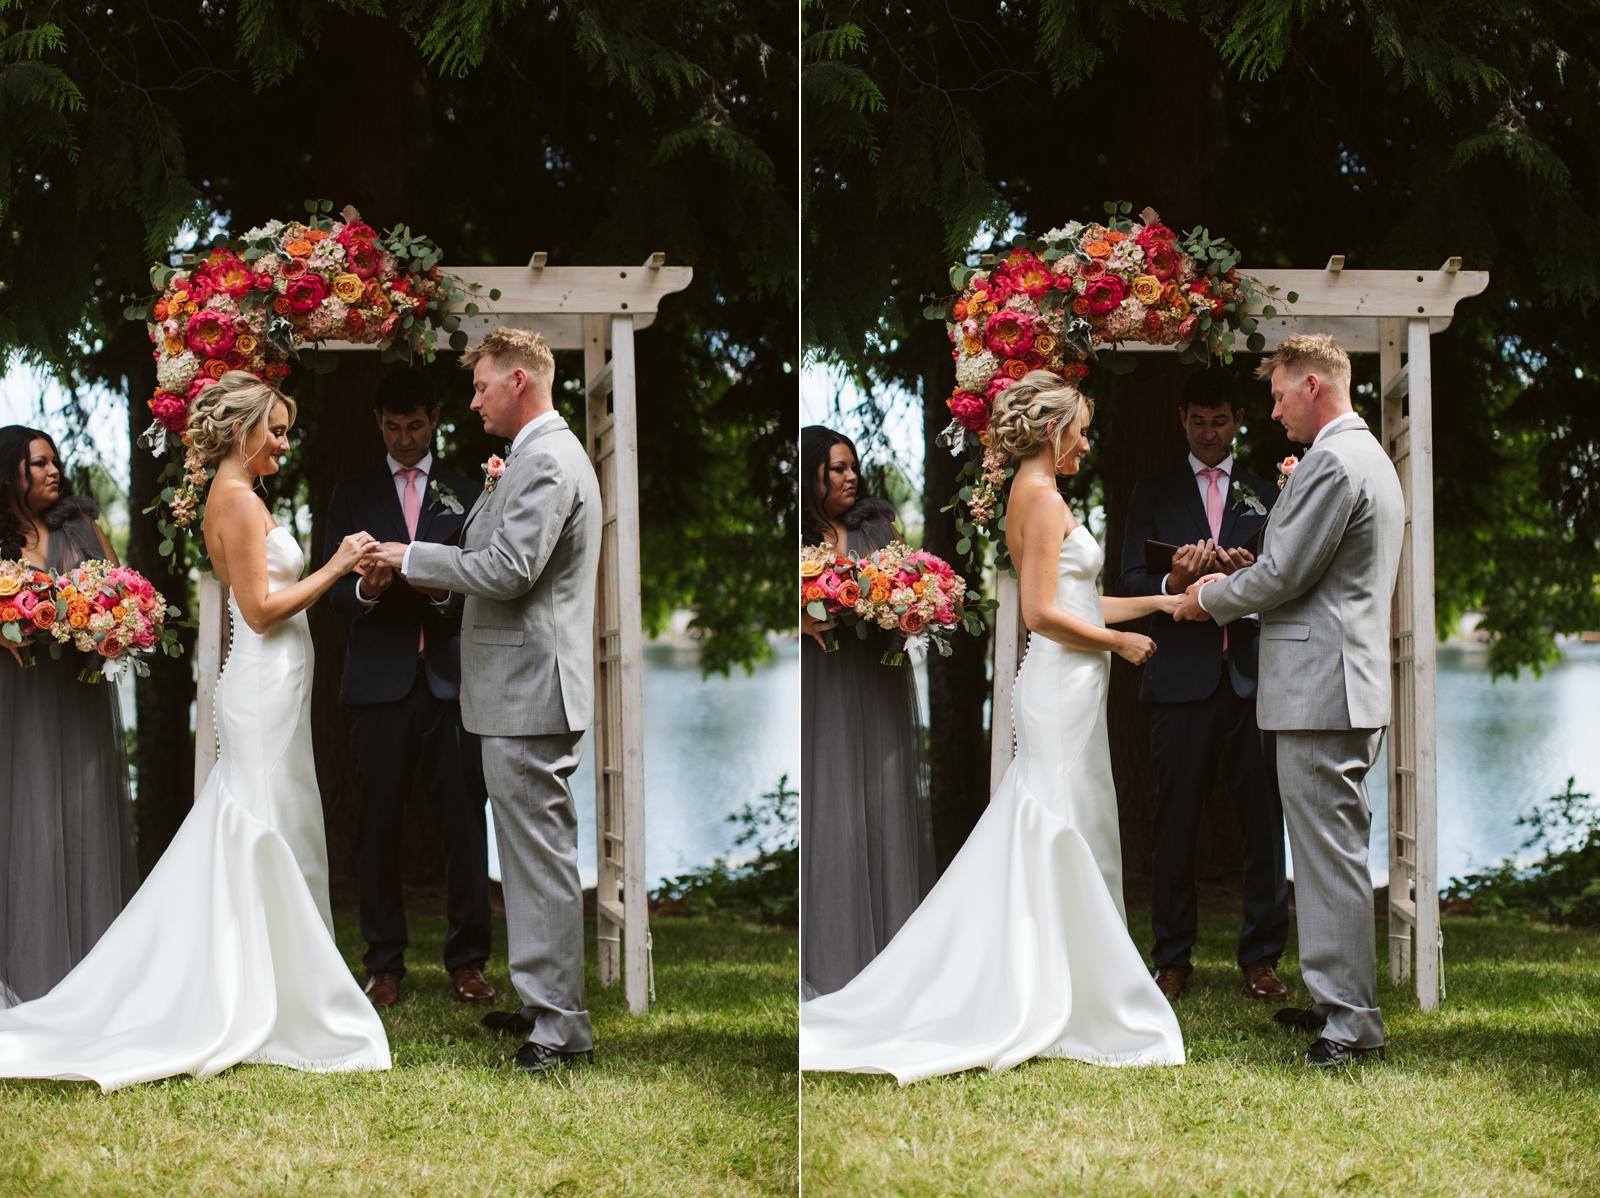 089-daronjackson-gabby-alec-wedding.jpg